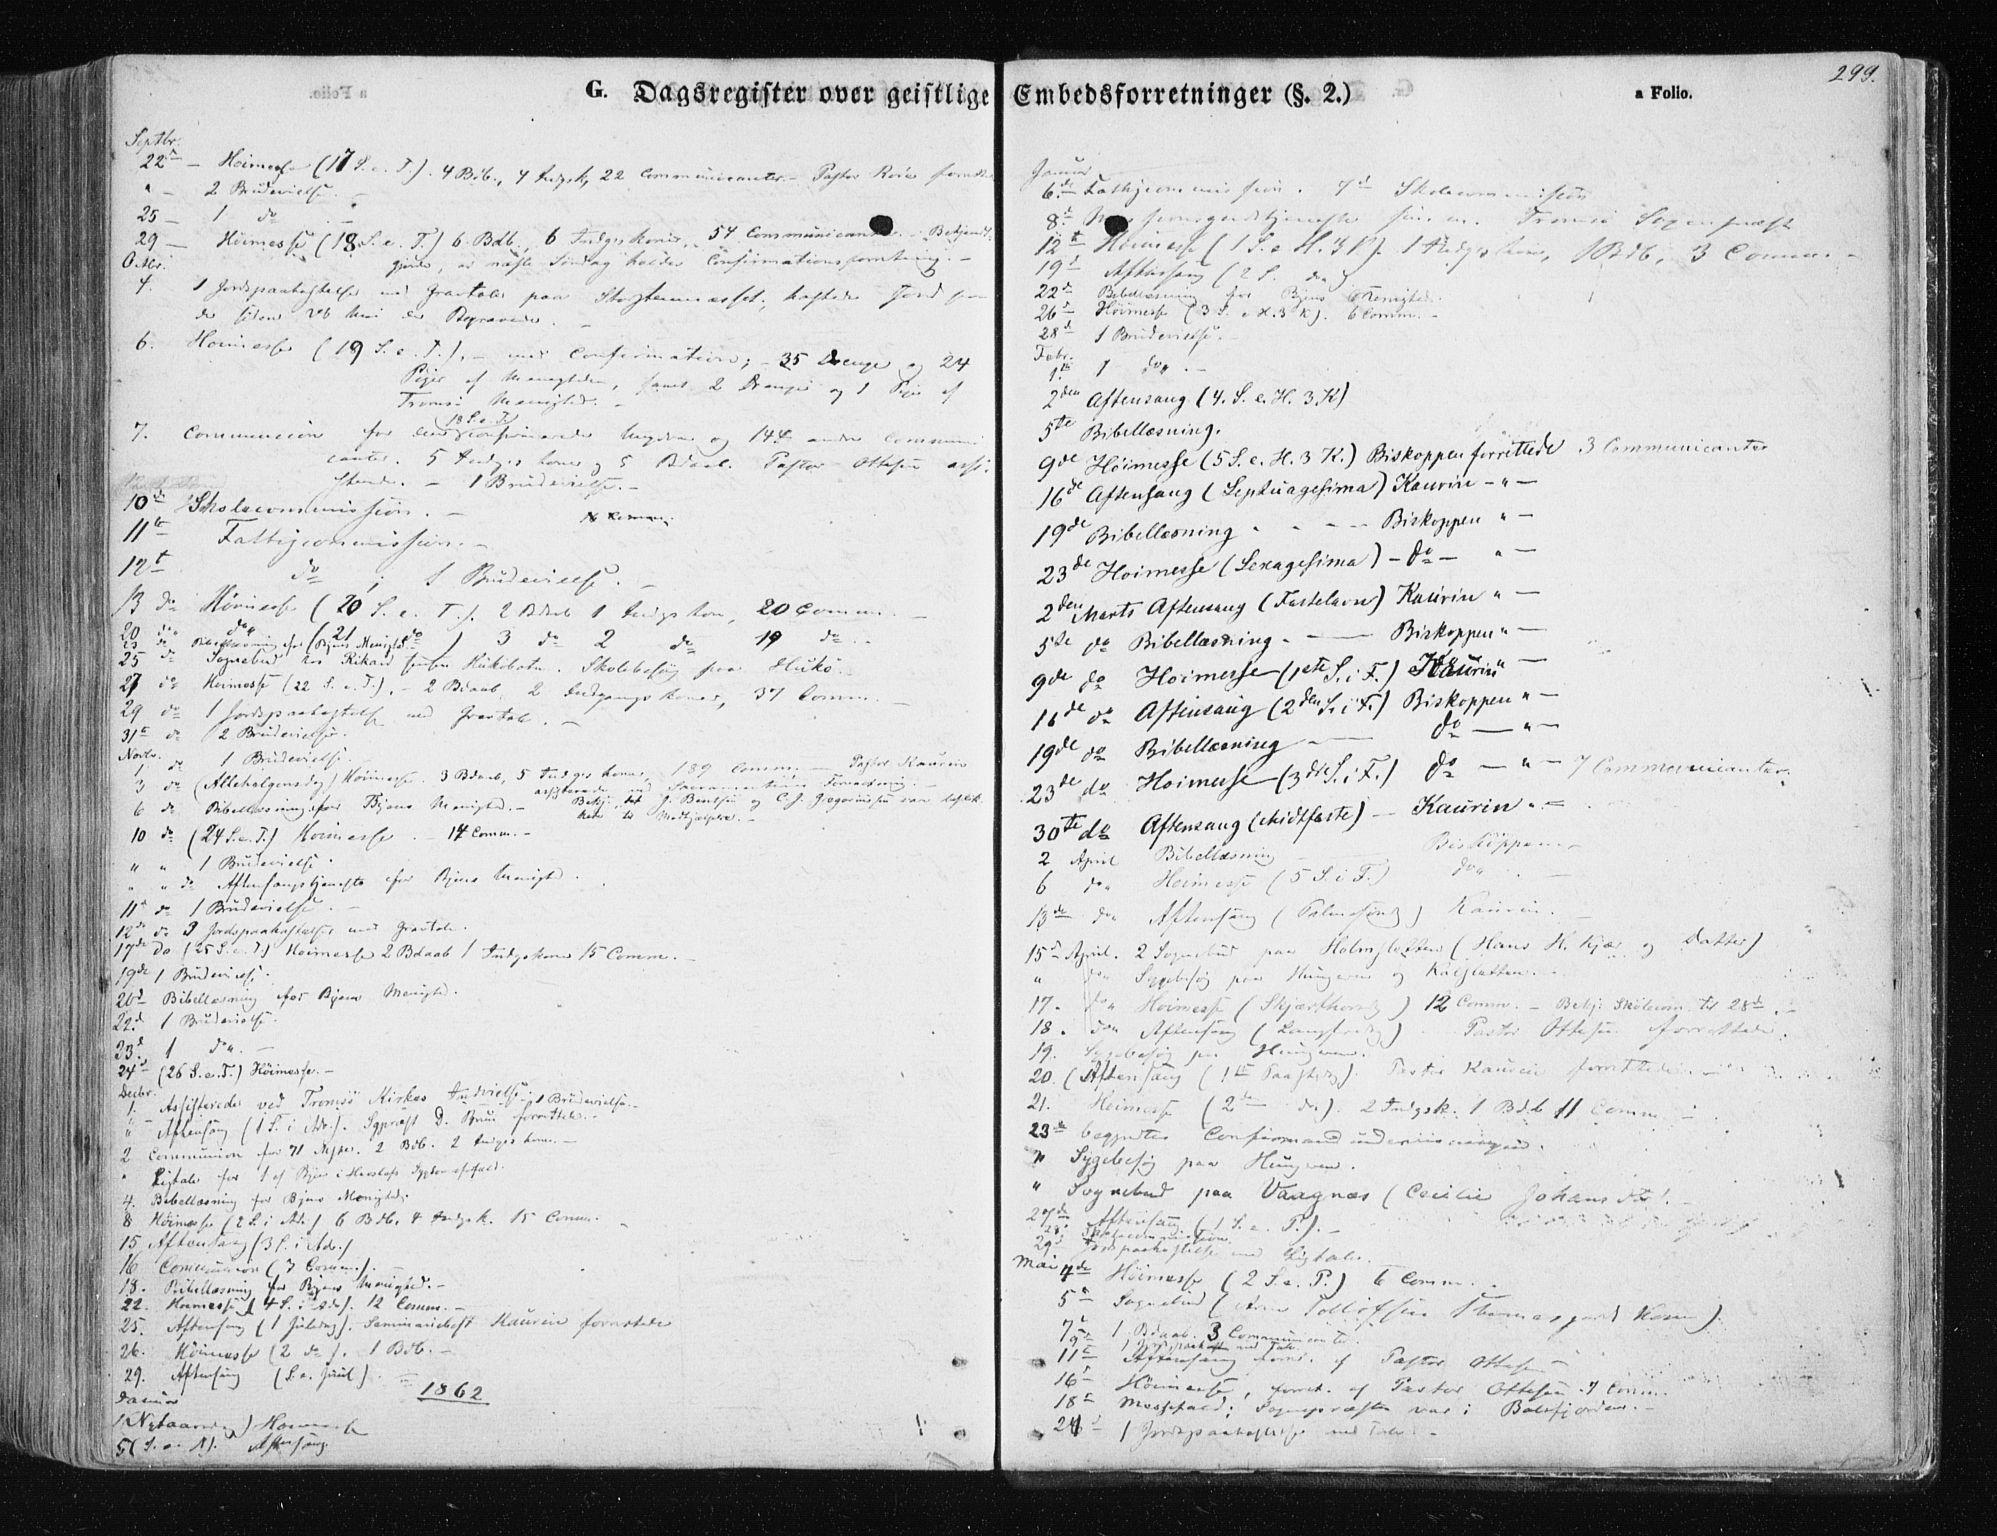 SATØ, Tromsøysund sokneprestkontor, G/Ga/L0001kirke: Ministerialbok nr. 1, 1856-1867, s. 299